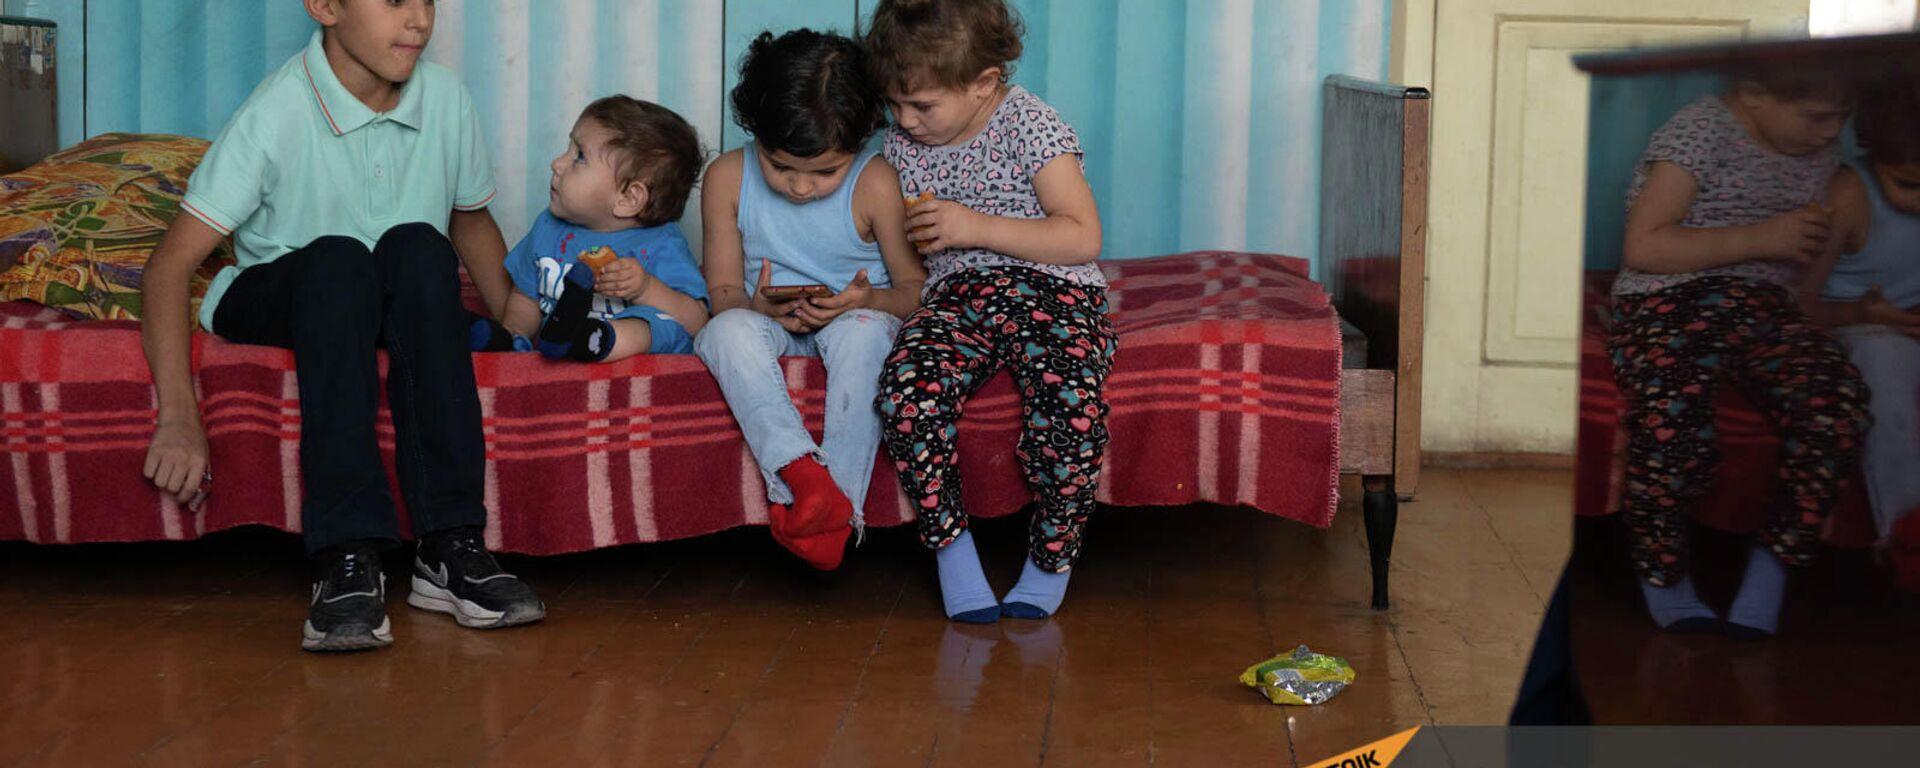 Հադրութից տեղահանված բազմազավակ ընտանիքի երեխաները - Sputnik Արմենիա, 1920, 23.09.2021